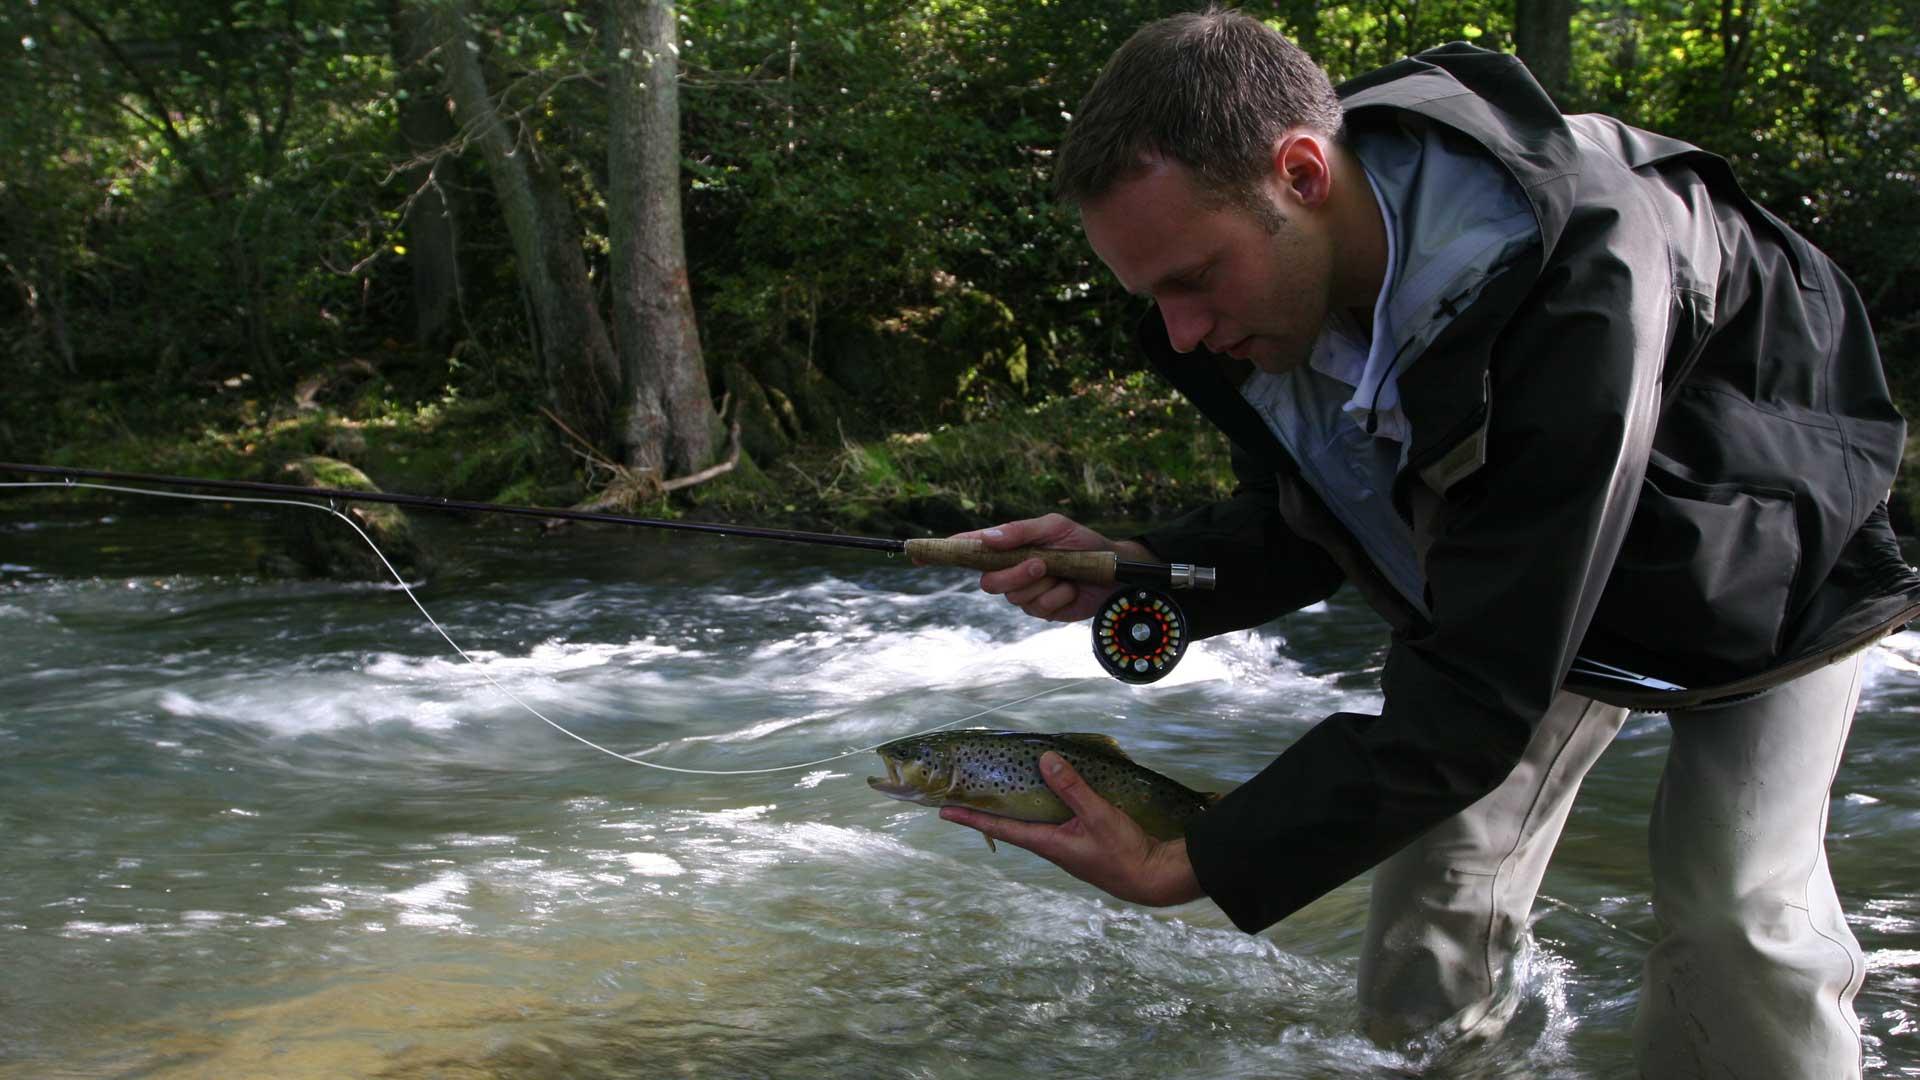 Fliegenfisch an der Wenne, ein Angler mit Fisch